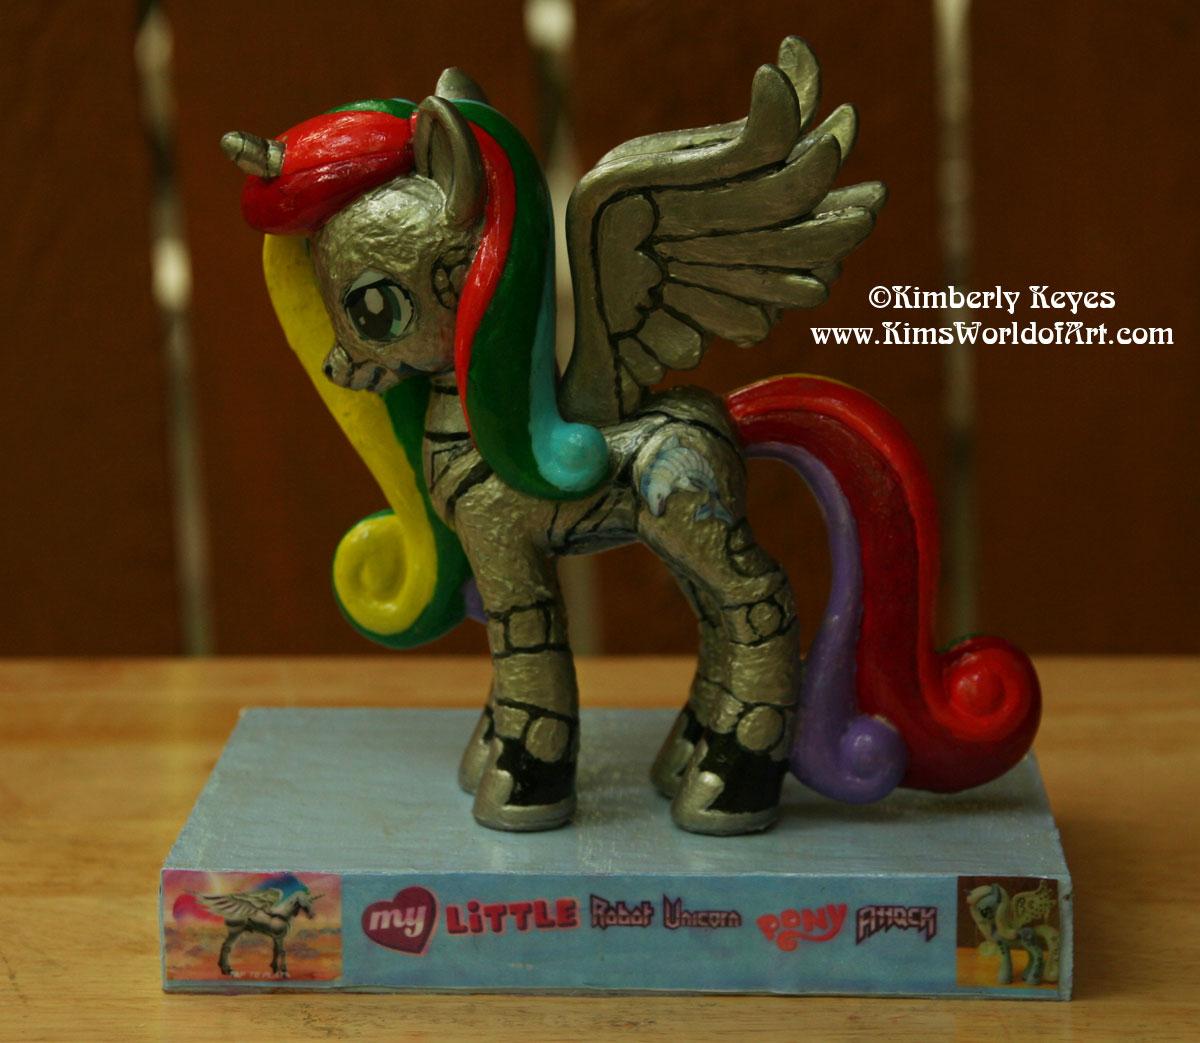 My Little Robot Unicorn Pony Attack Sagittarius Dolly